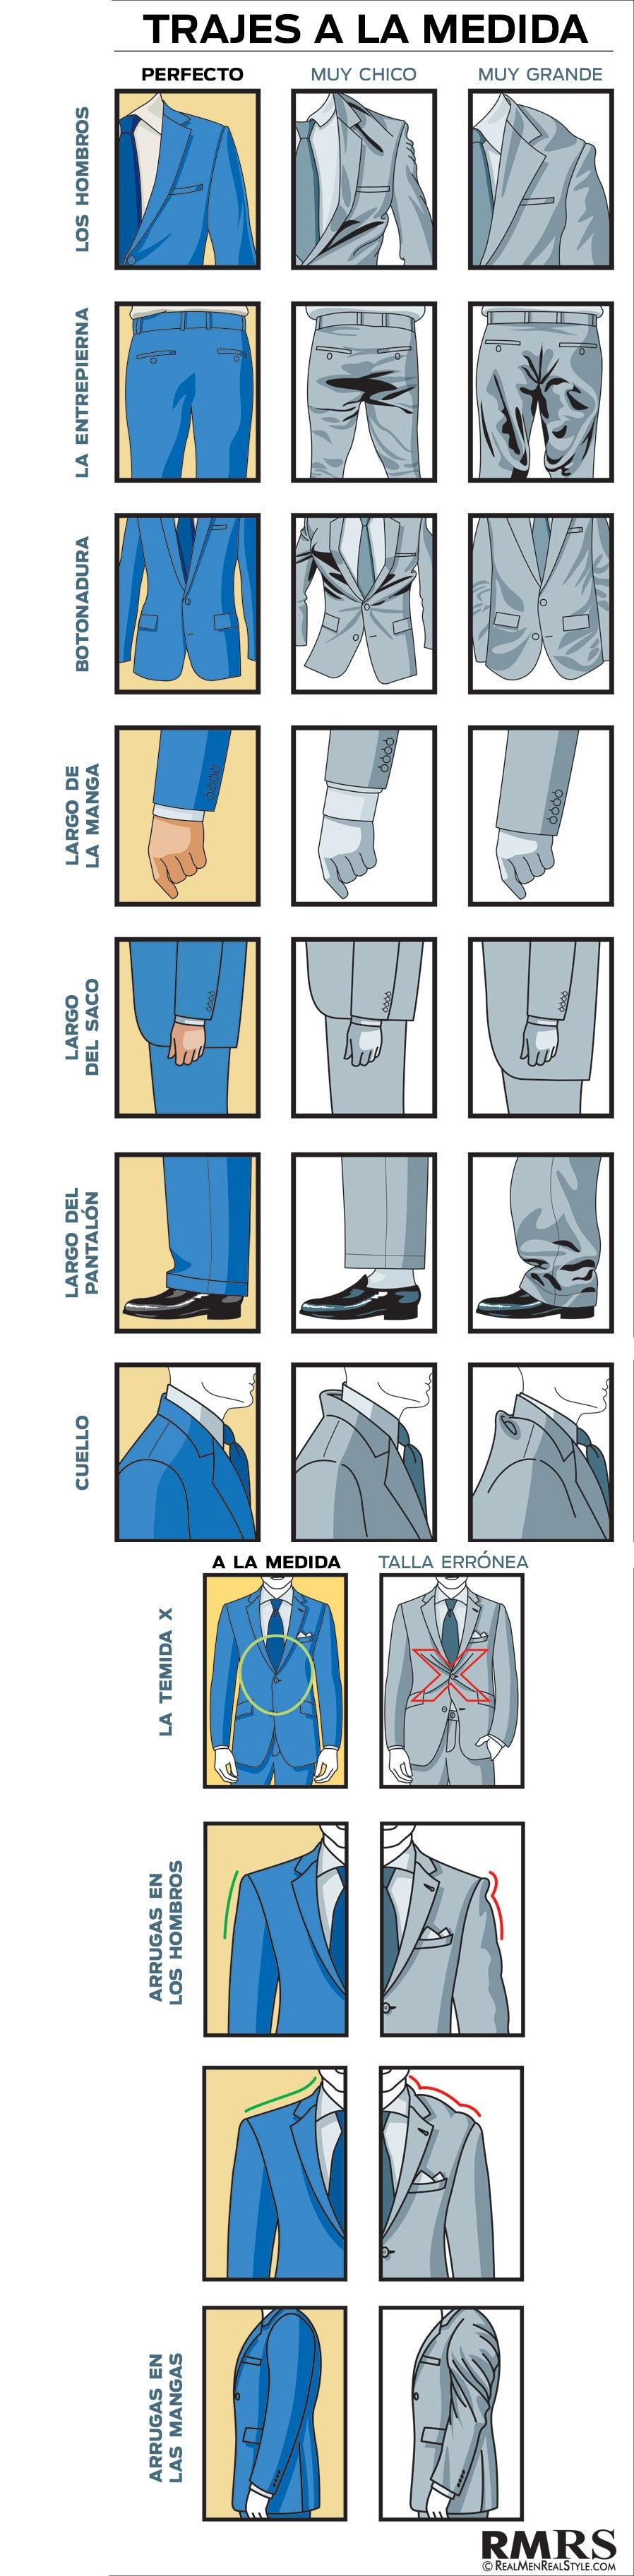 76fc83fc14444 Te dejamos esta guía de Real Men Real Style para elegir el traje con las  medidas adecuadas.